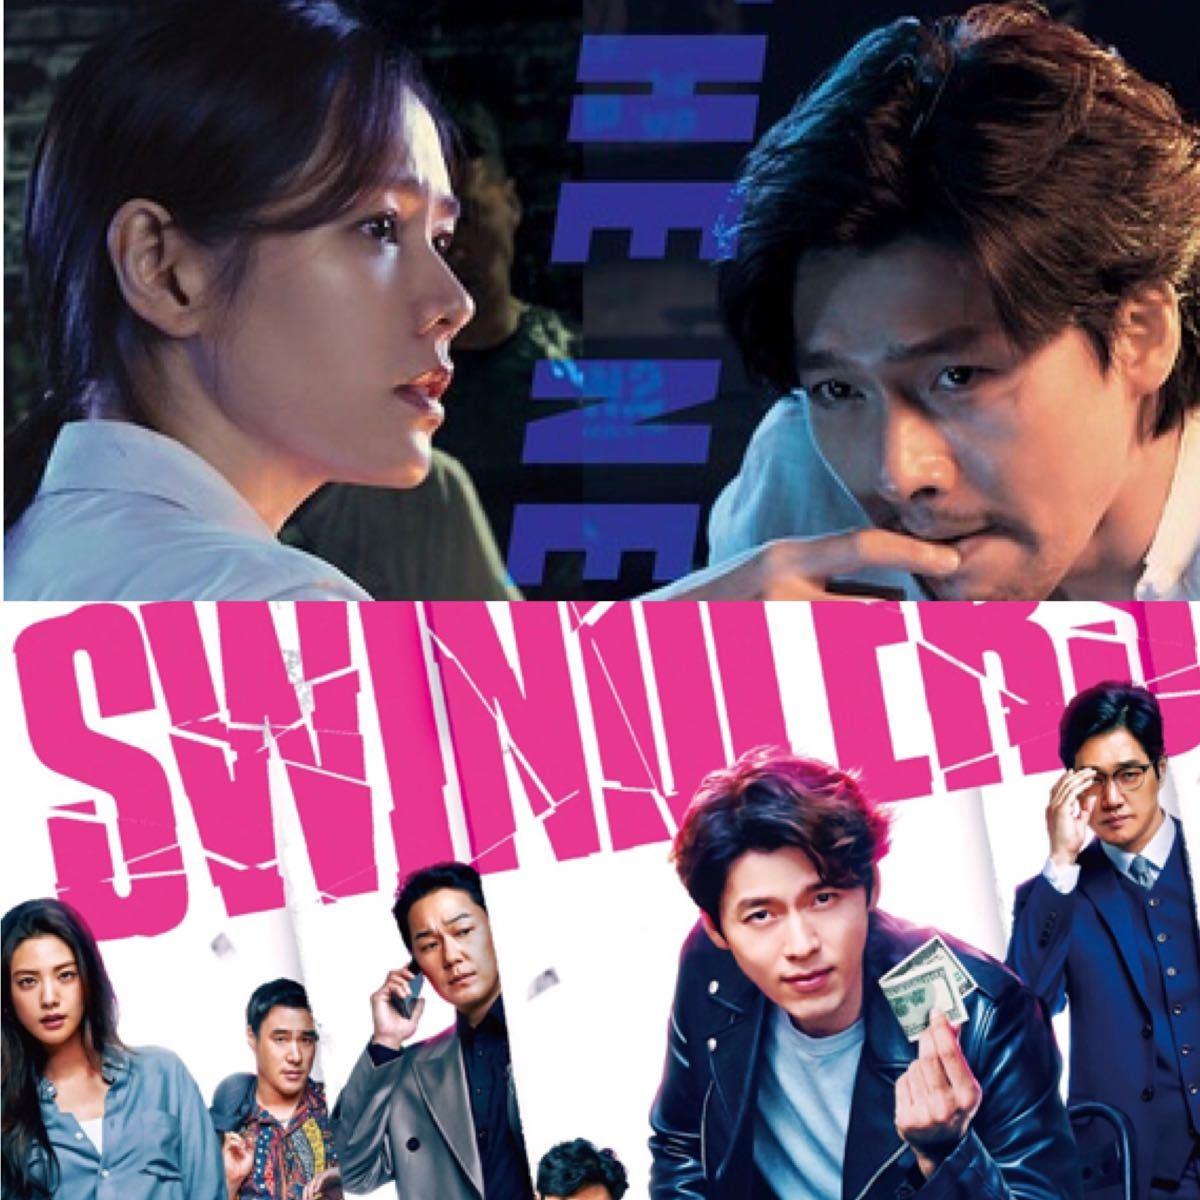 韓国映画 ヒョンビン 出演映画 DVD 11点セット レーベル有り 入替可能です